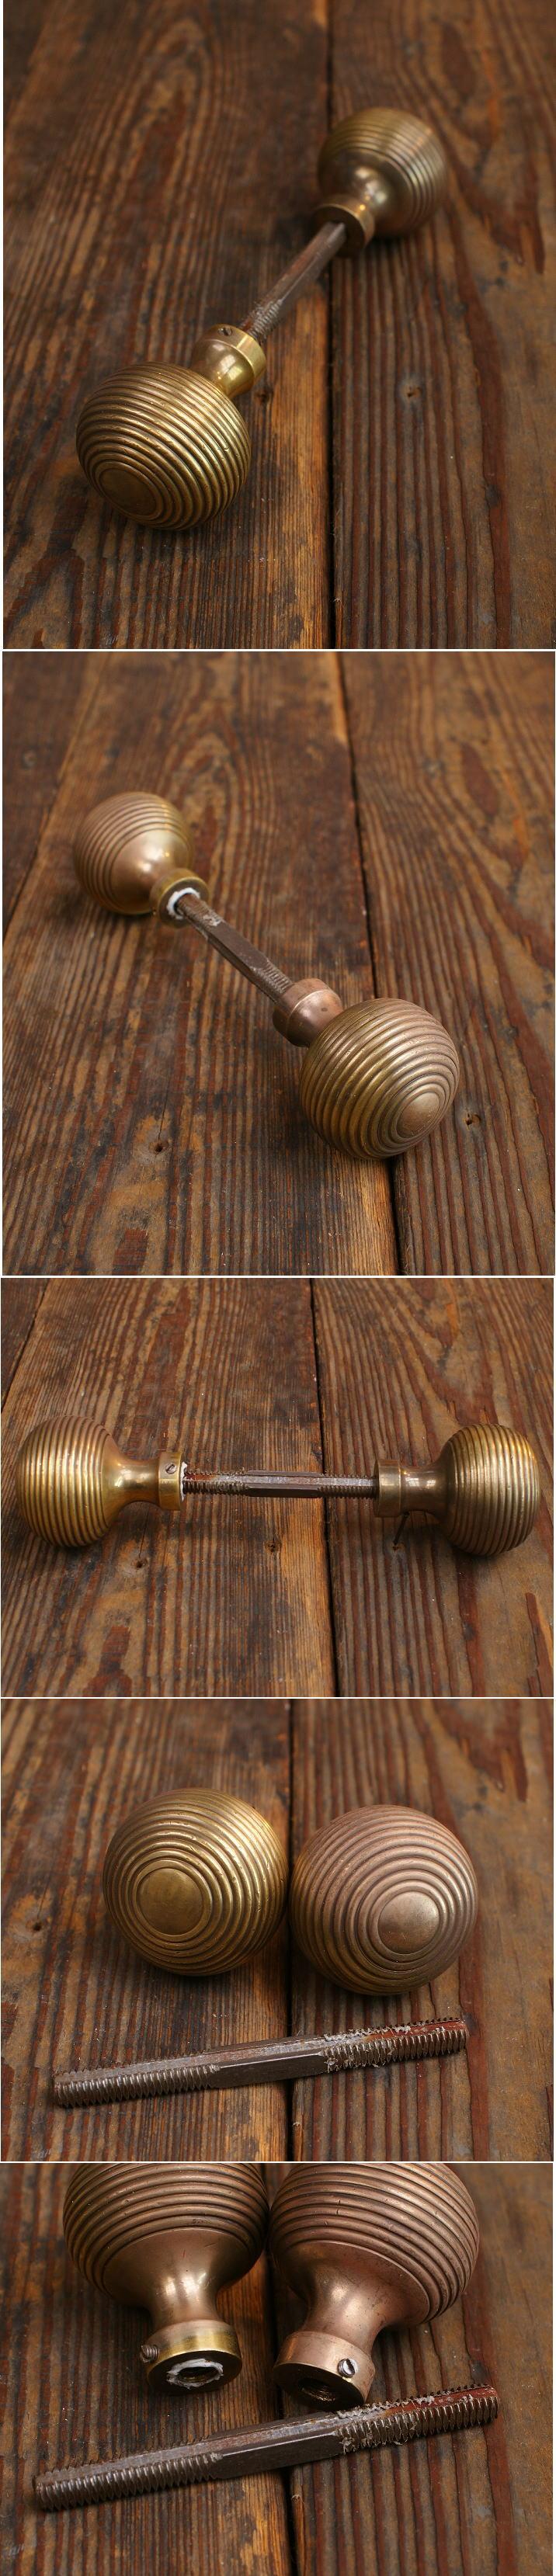 イギリス アンティーク 真鍮 ドアノブ 建具金物 握り玉 5861